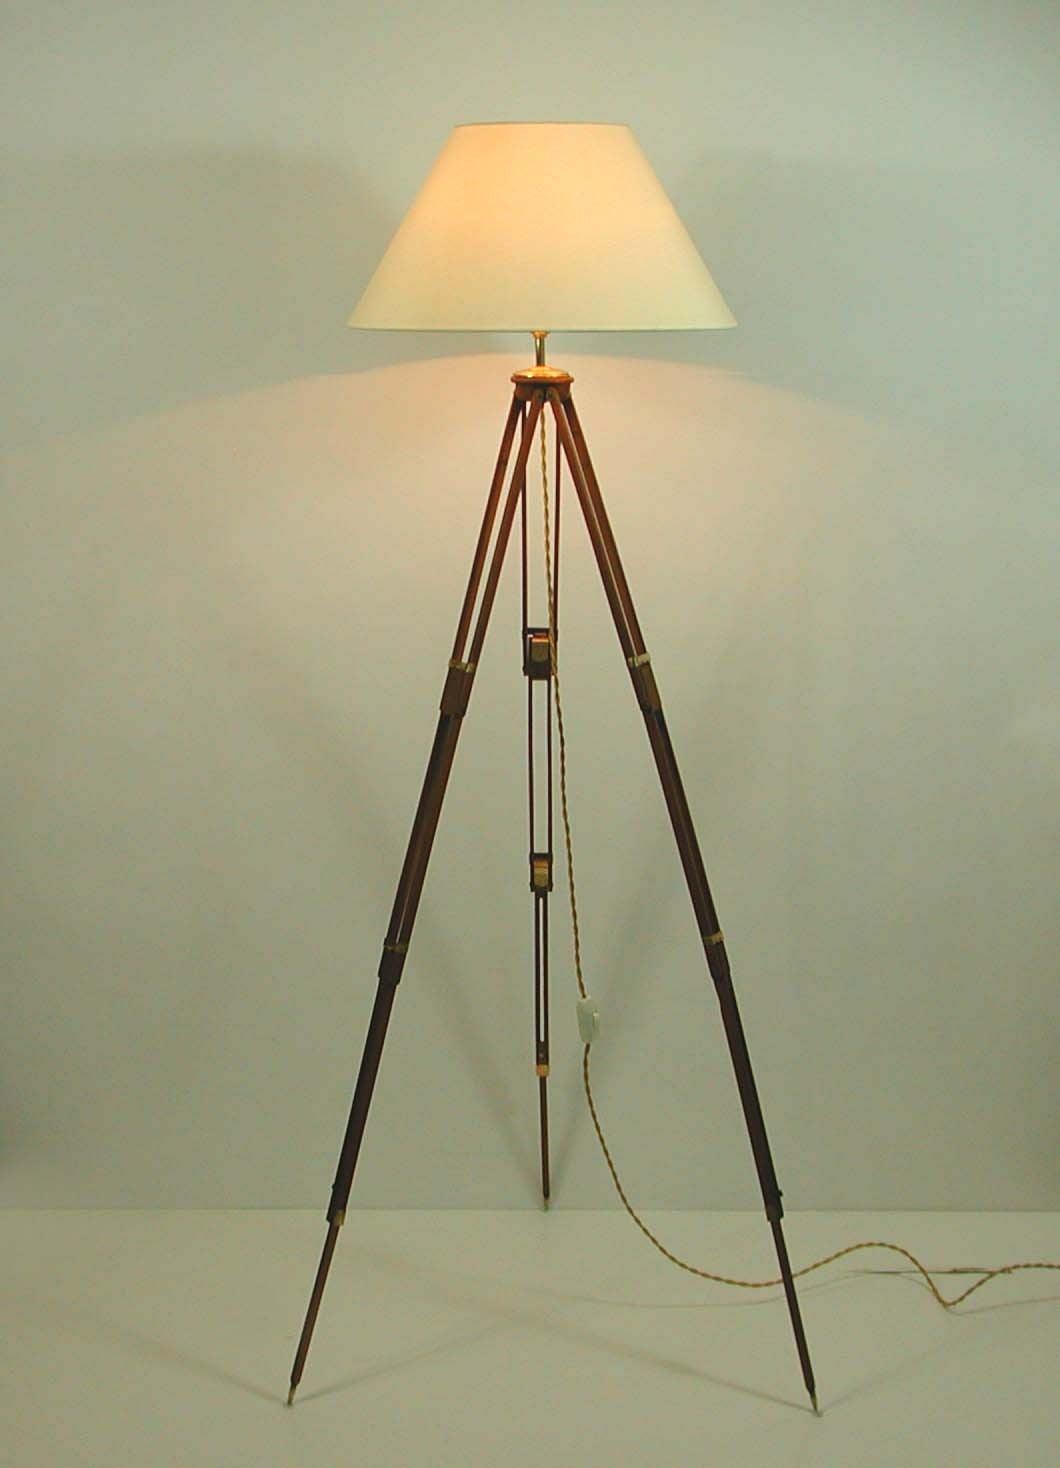 vintage wooden tripod floor lamp for sale at 1stdibs. Black Bedroom Furniture Sets. Home Design Ideas